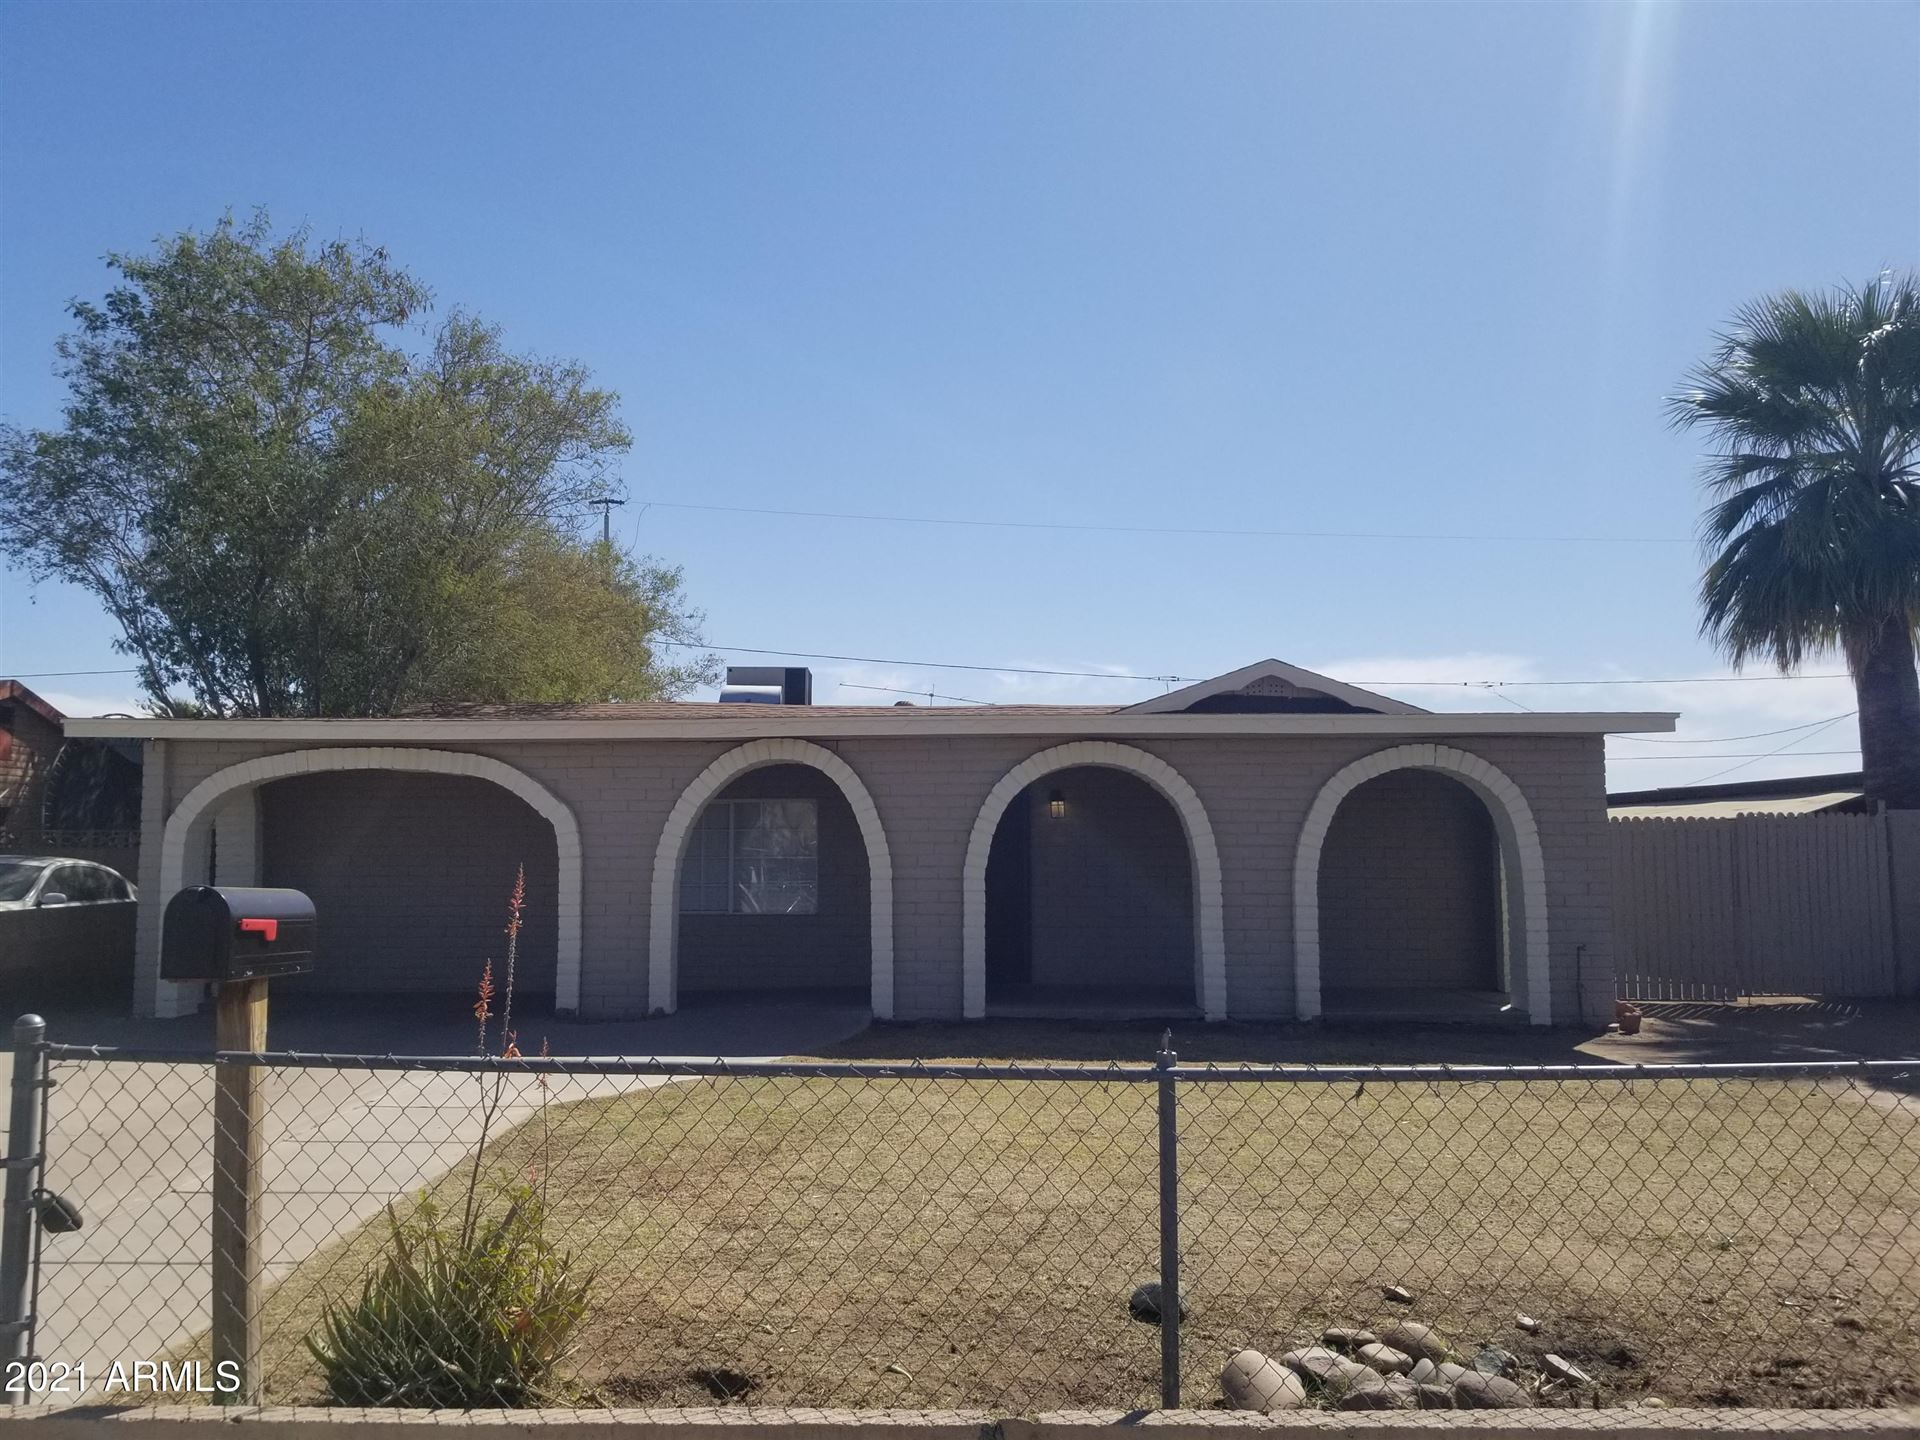 2941 W ADAMS Street, Phoenix, AZ 85009 - MLS#: 6201618